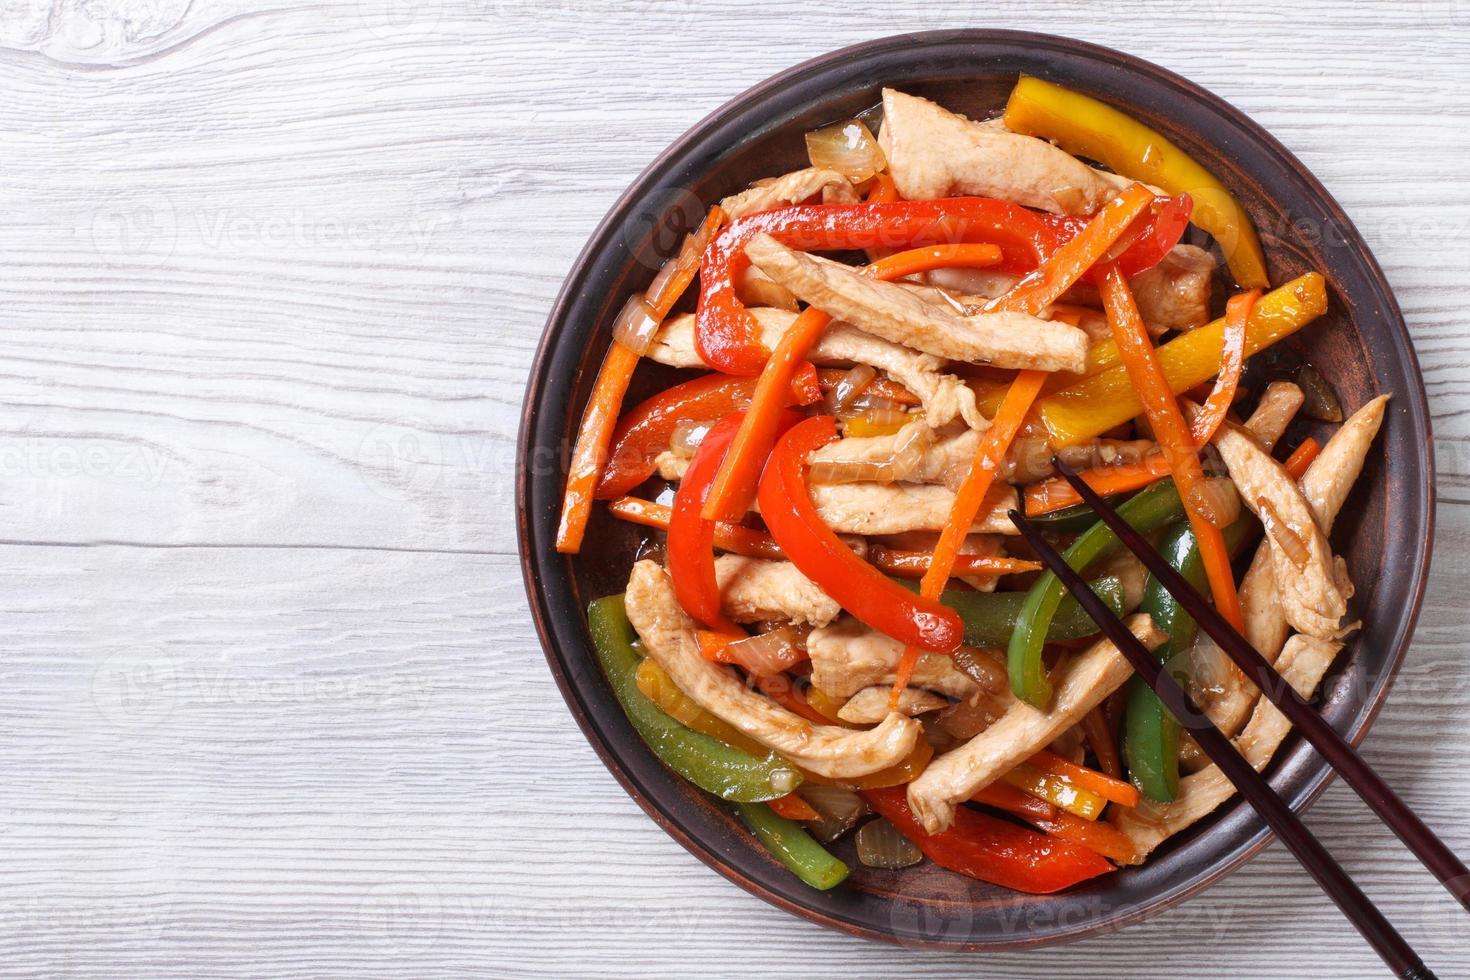 cuisine asiatique: poulet dans une sauce aigre-douce aux légumes photo